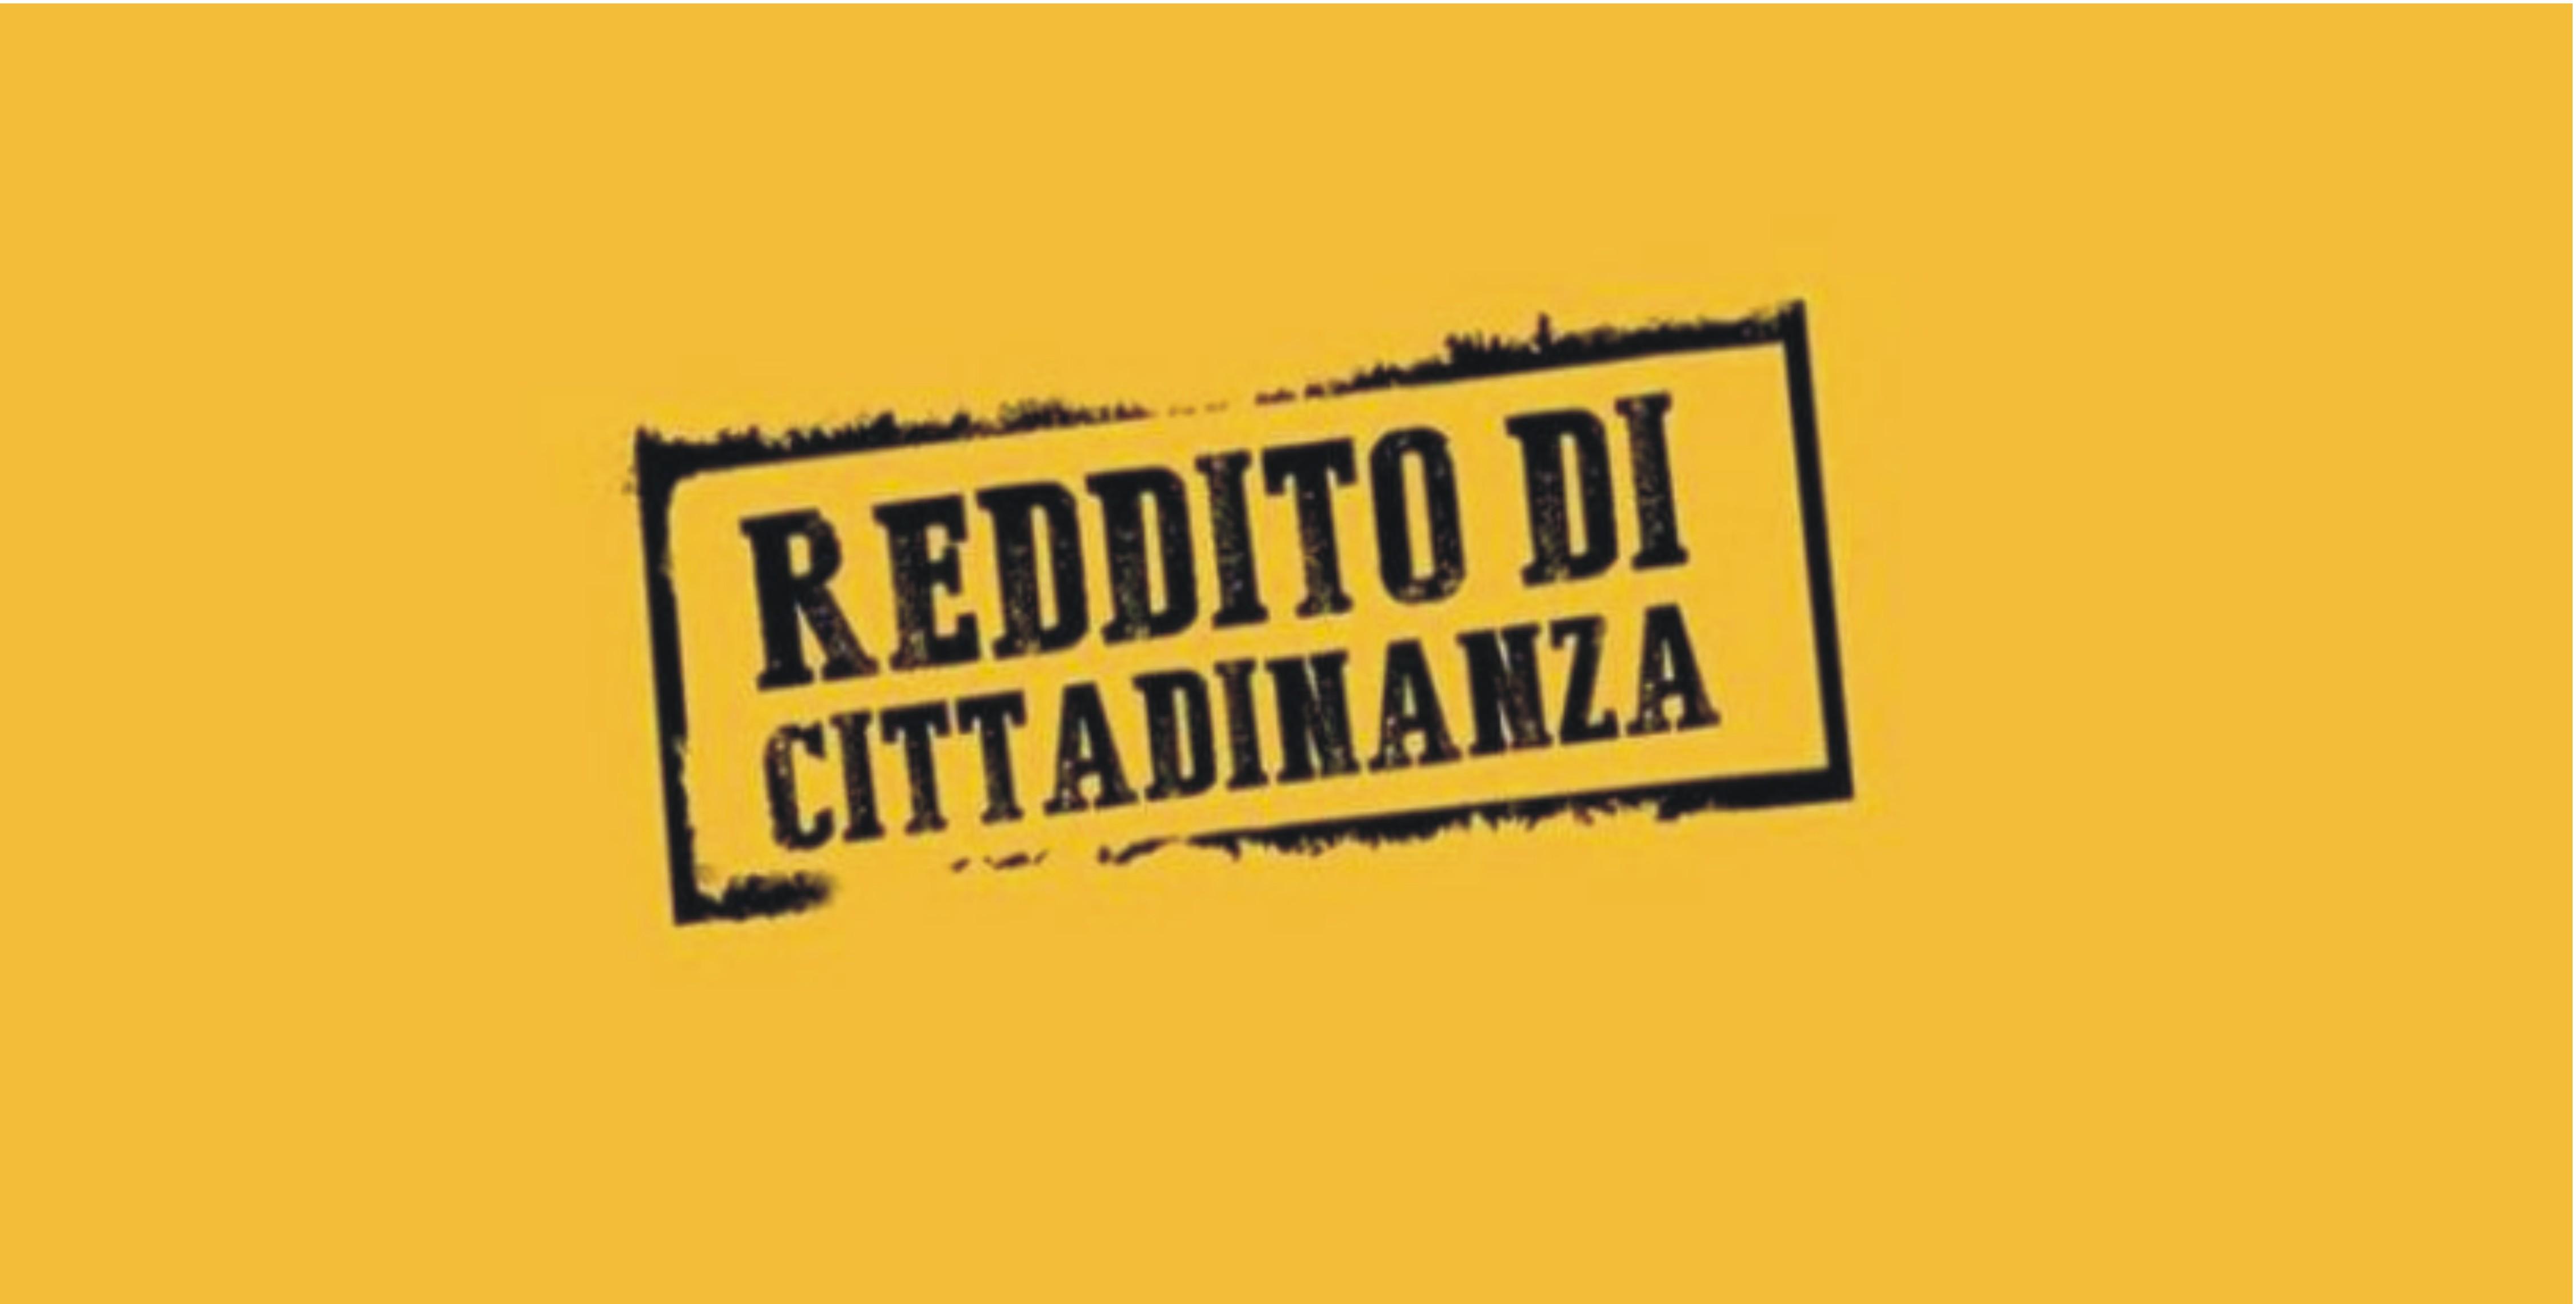 Reddito di cittadinanza: via alle domande, ecco cosa fare - Live Sicilia